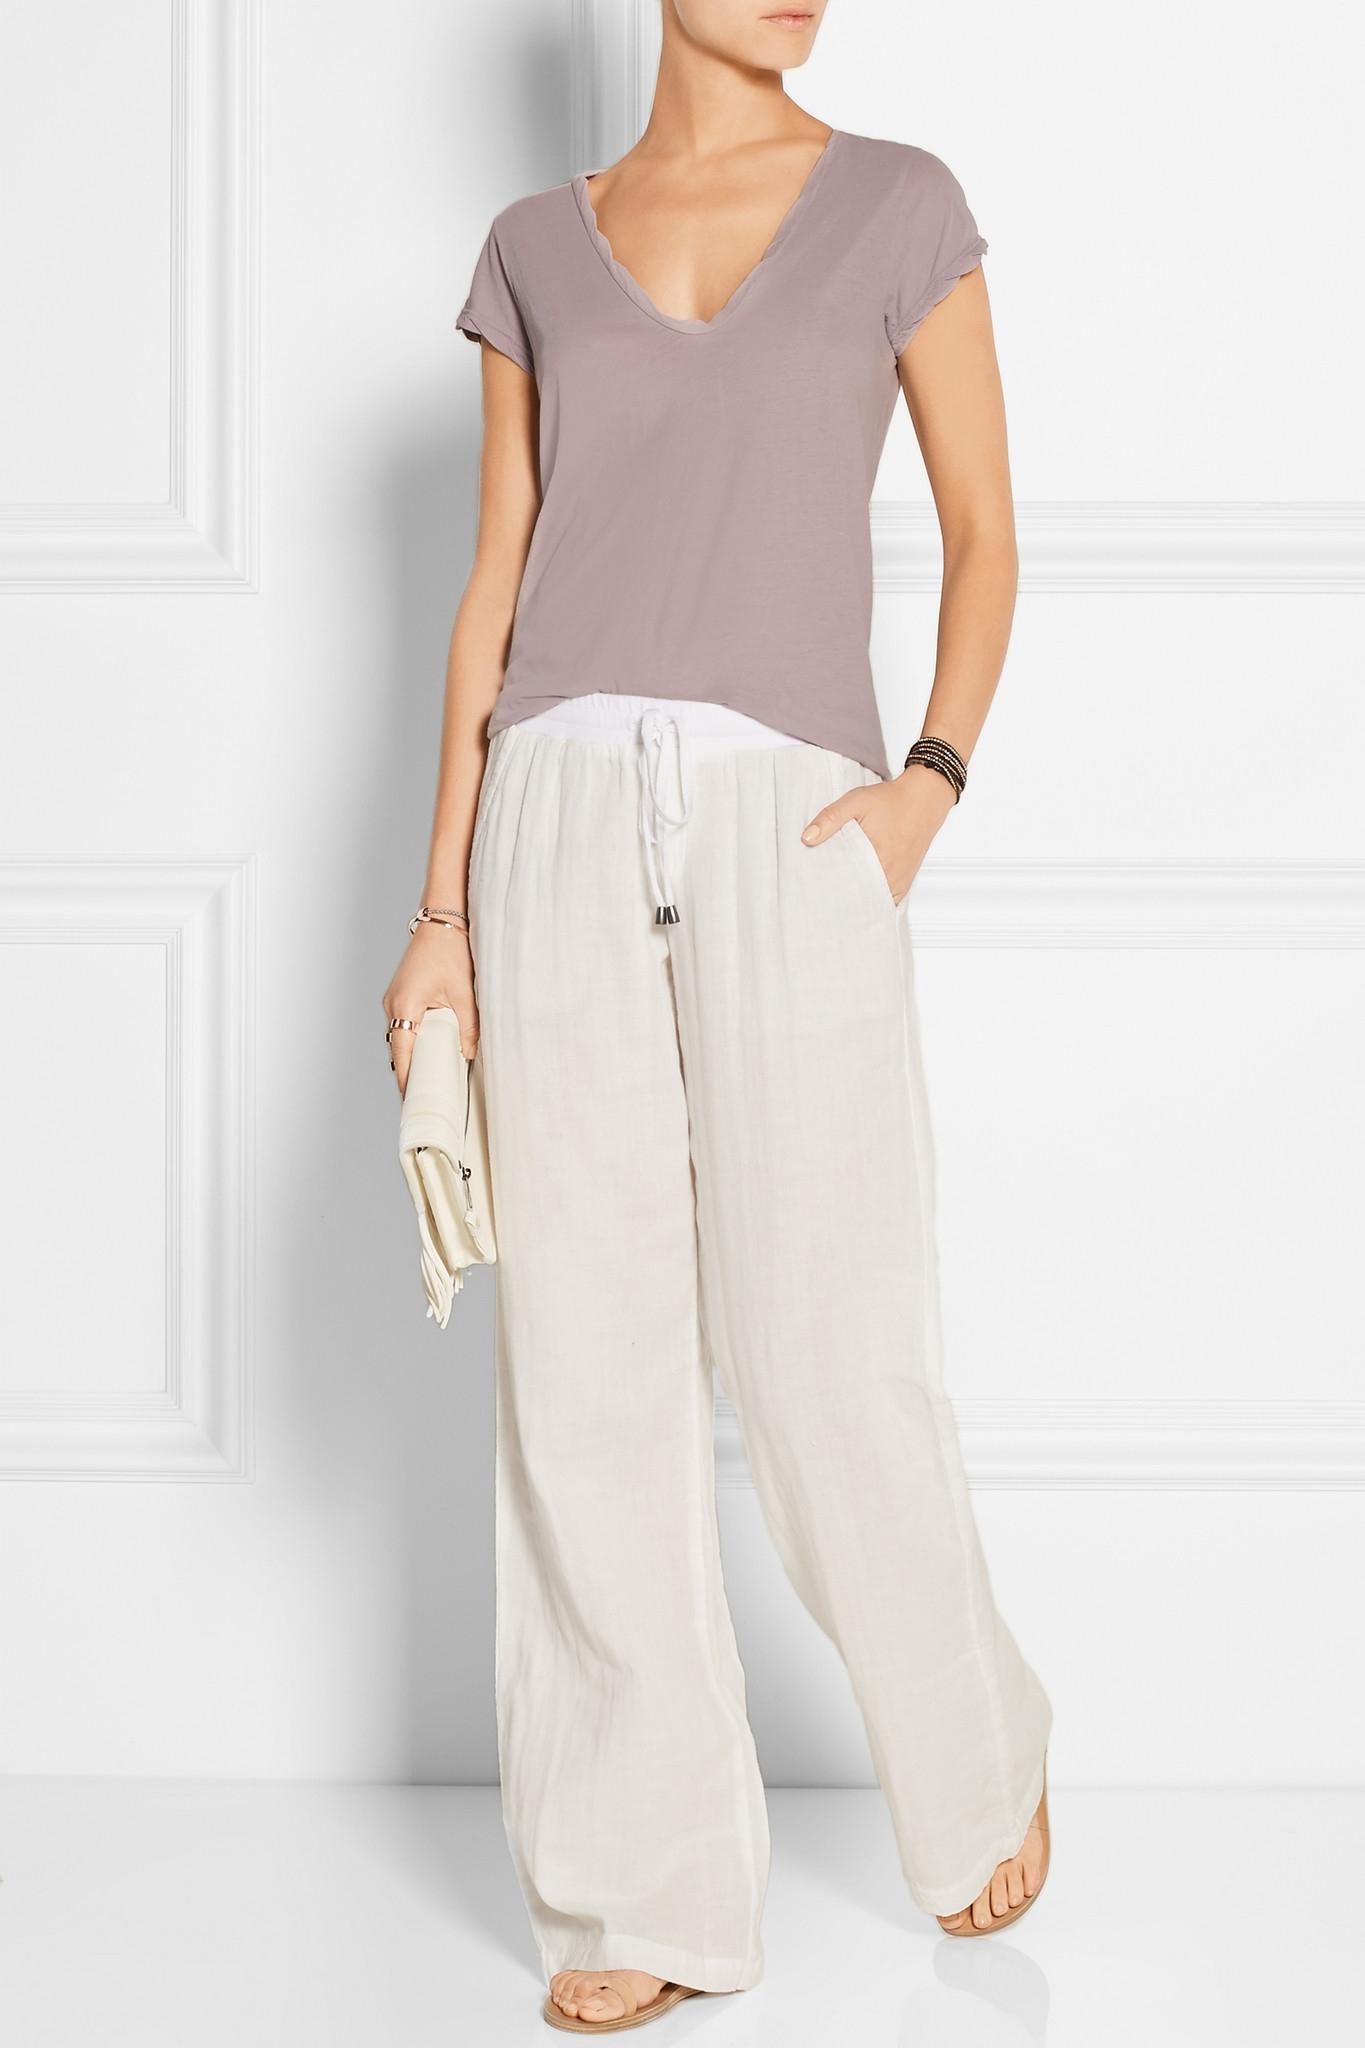 082a7483931 Splendid Cotton-gauze Wide-leg Pants in White - Lyst